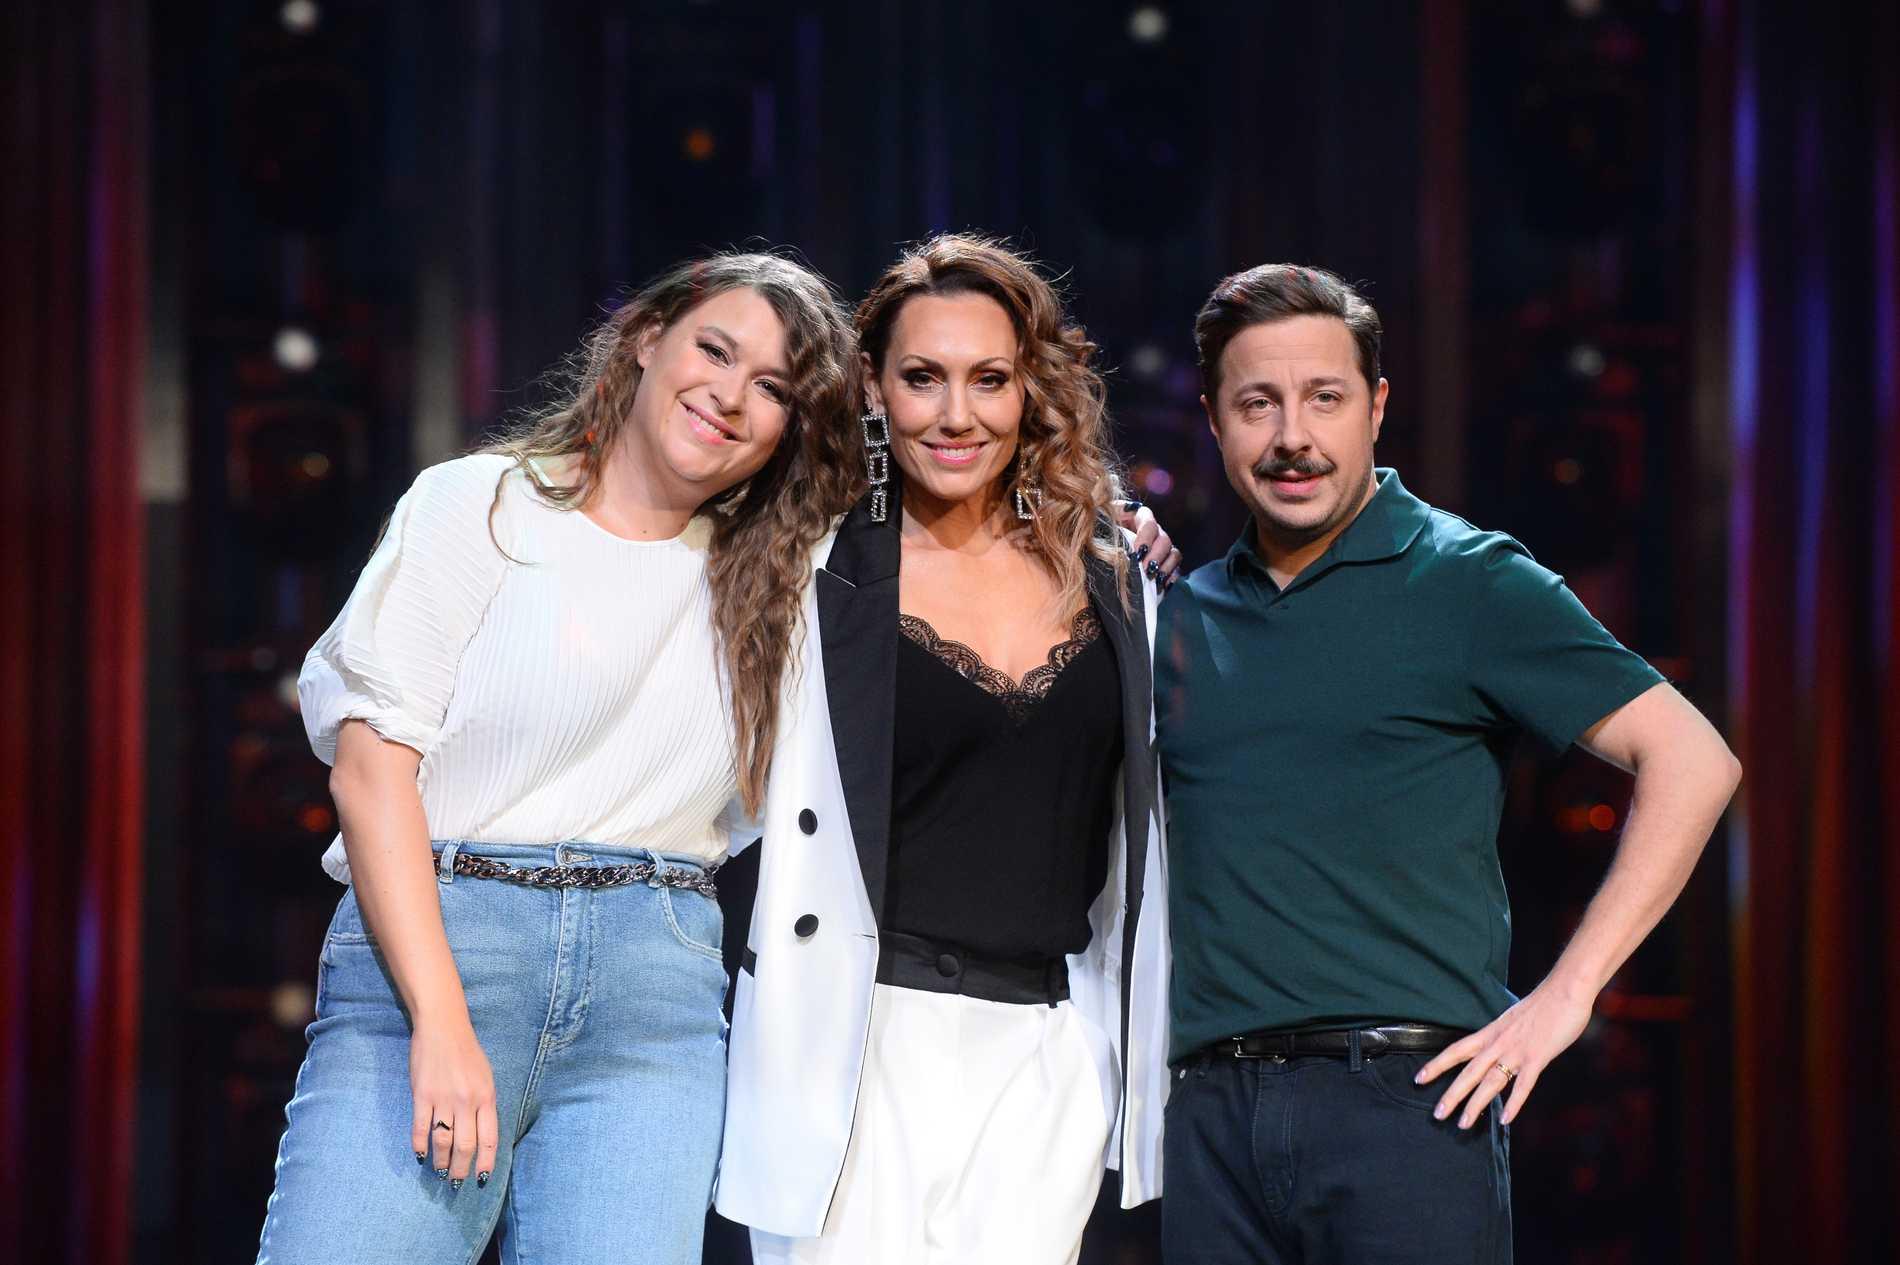 Linnea Henriksson, Lina Hedlund och David Sundin i Malmö inför Melodifestivalen 2020